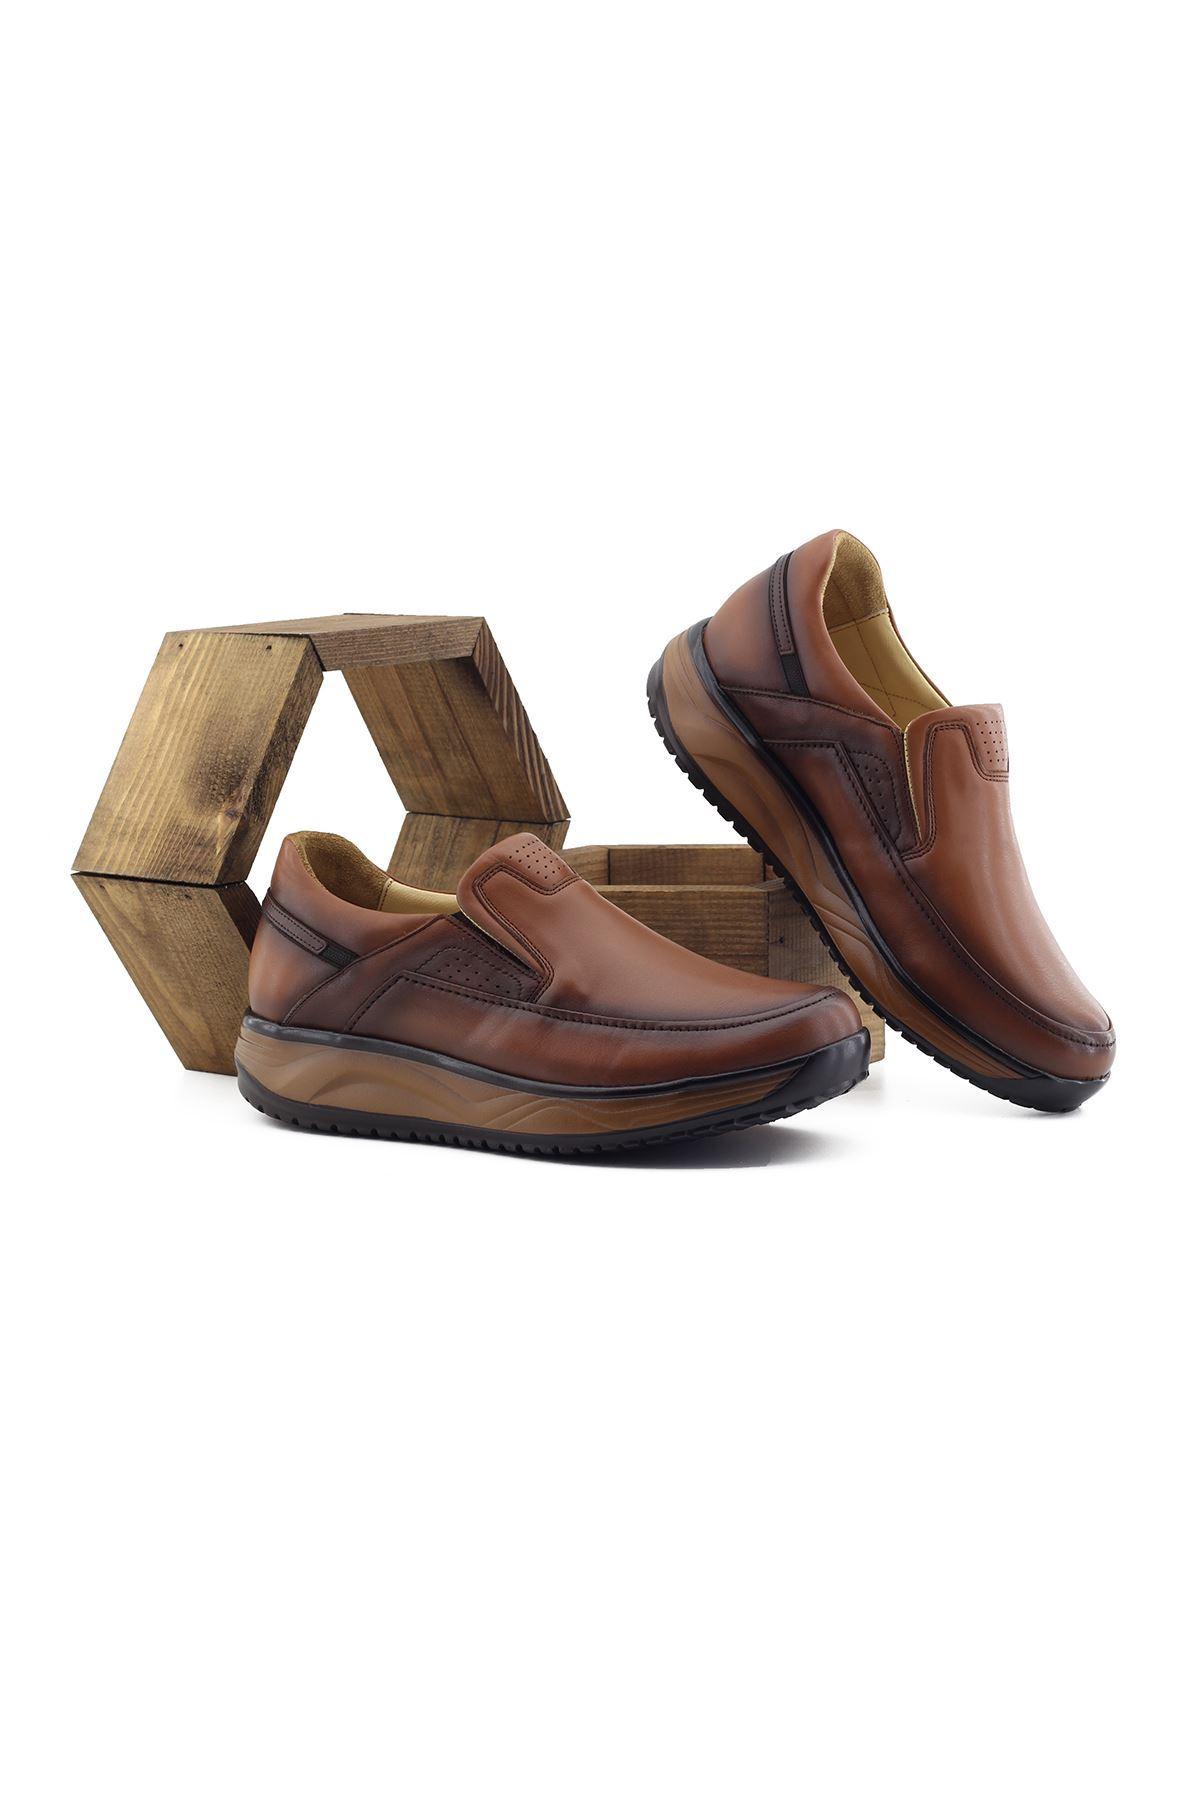 1850 Taba Erkek Yürüyüş Ayakkabısı